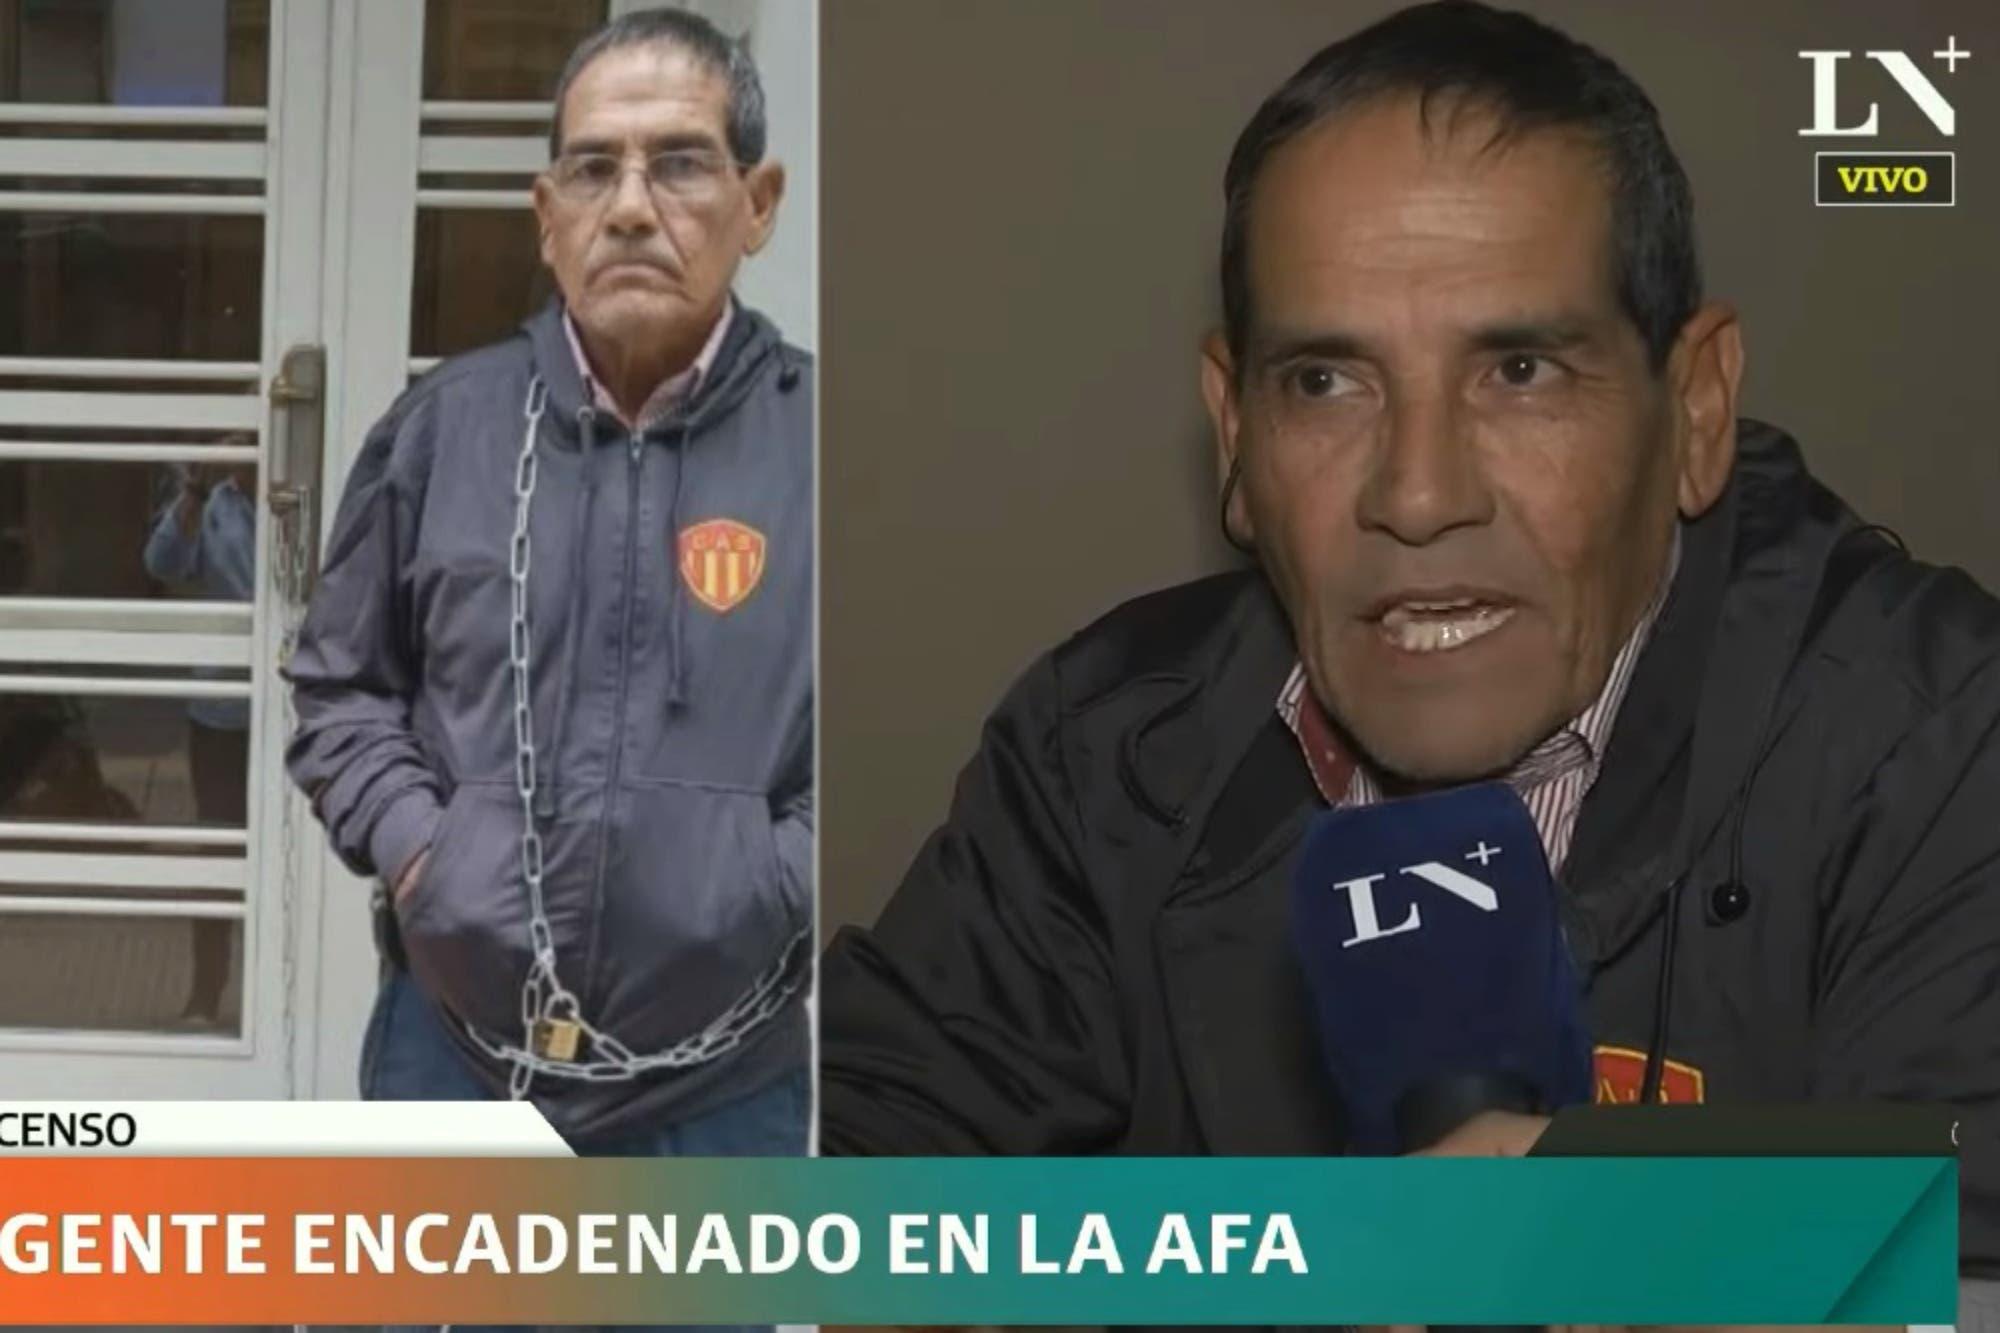 Escándalo en el ascenso: un dirigente se encadenó en la puerta de la AFA